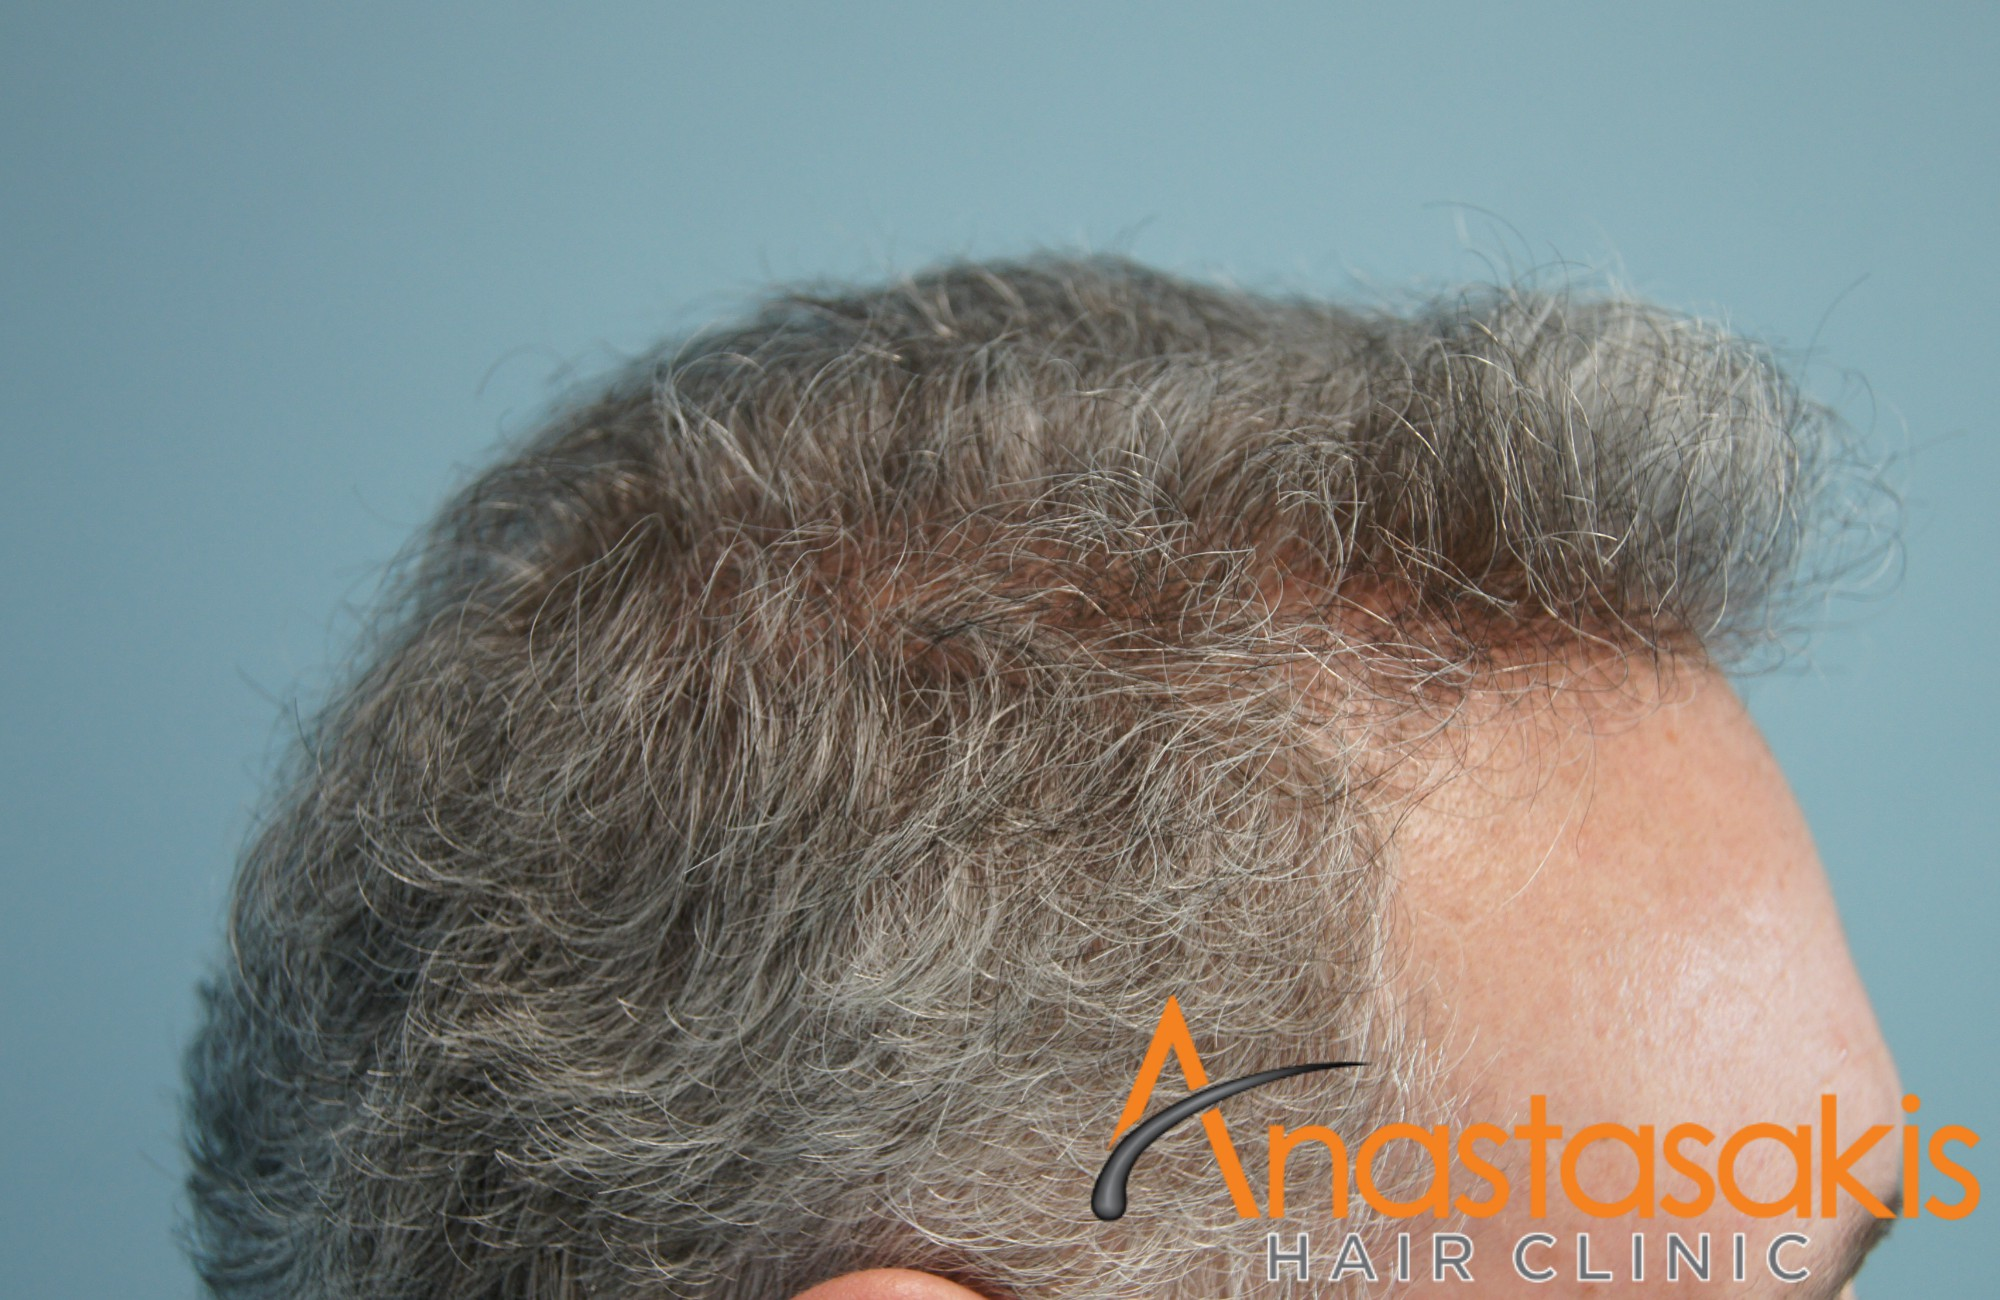 δεξι προφιλ ασθενους μετα τη μεταμοσχευση μαλλιων με 2500 fus